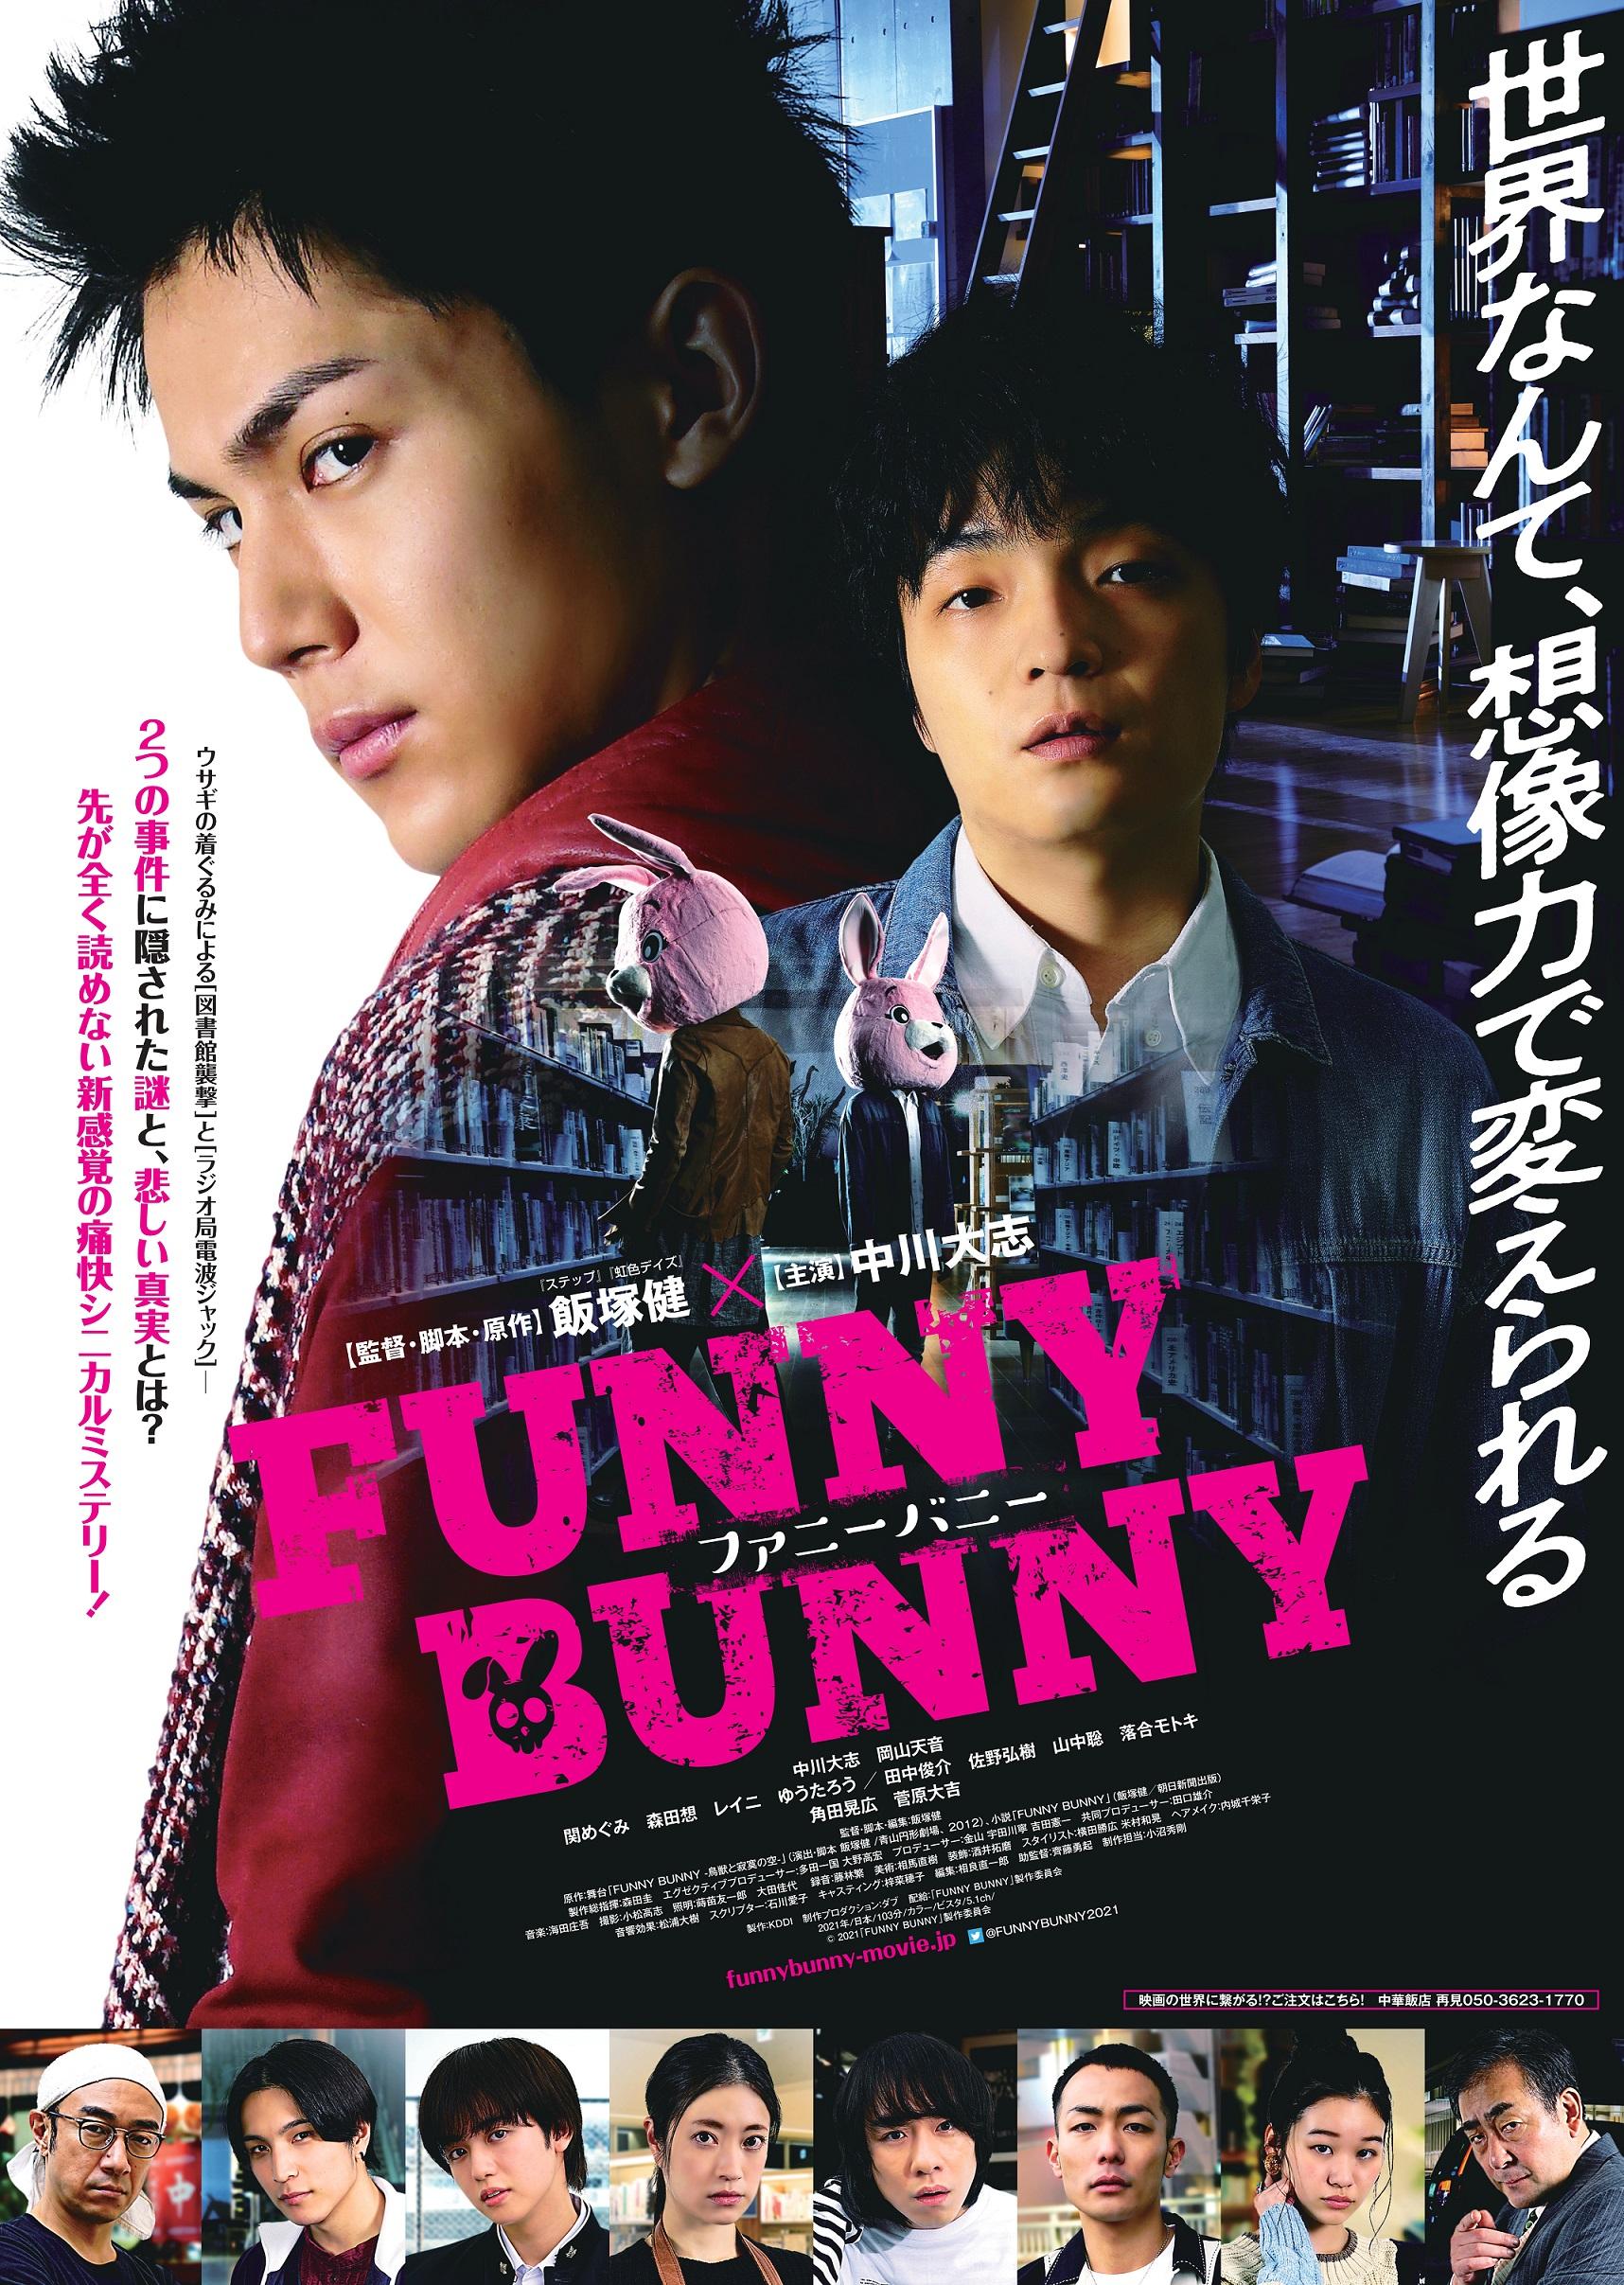 おすすめ作品「FUNNY BUNNY」